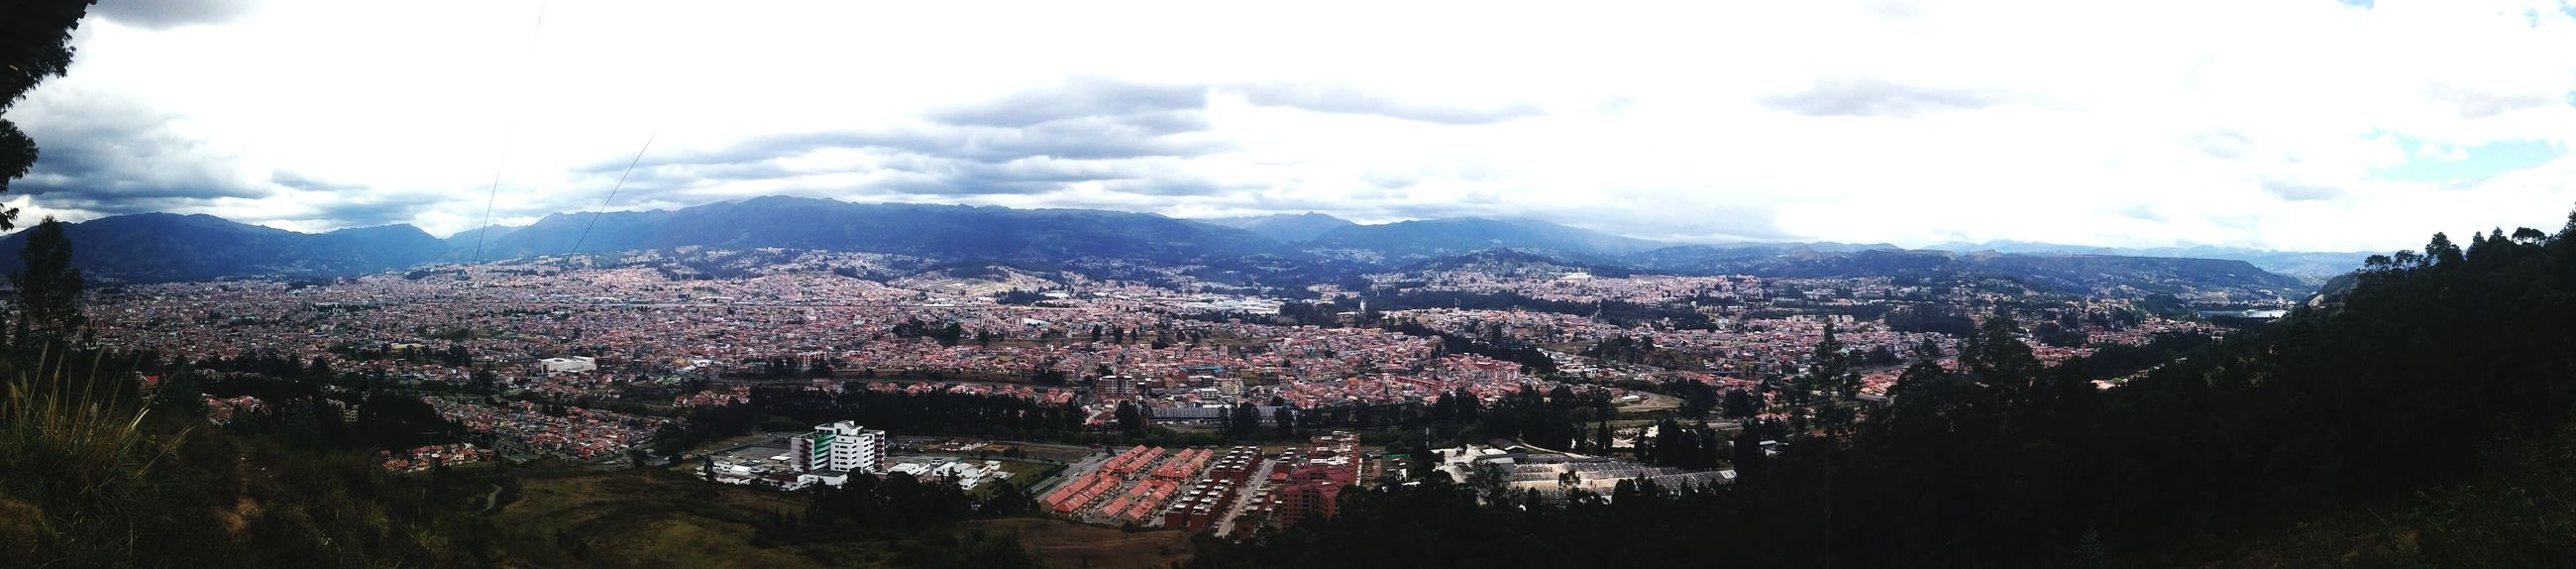 Taking photos hermosa ciudad pequeña pero llena de cultura i arte esto es Cuenca Ecuador Panoramic Sky City Cityscape